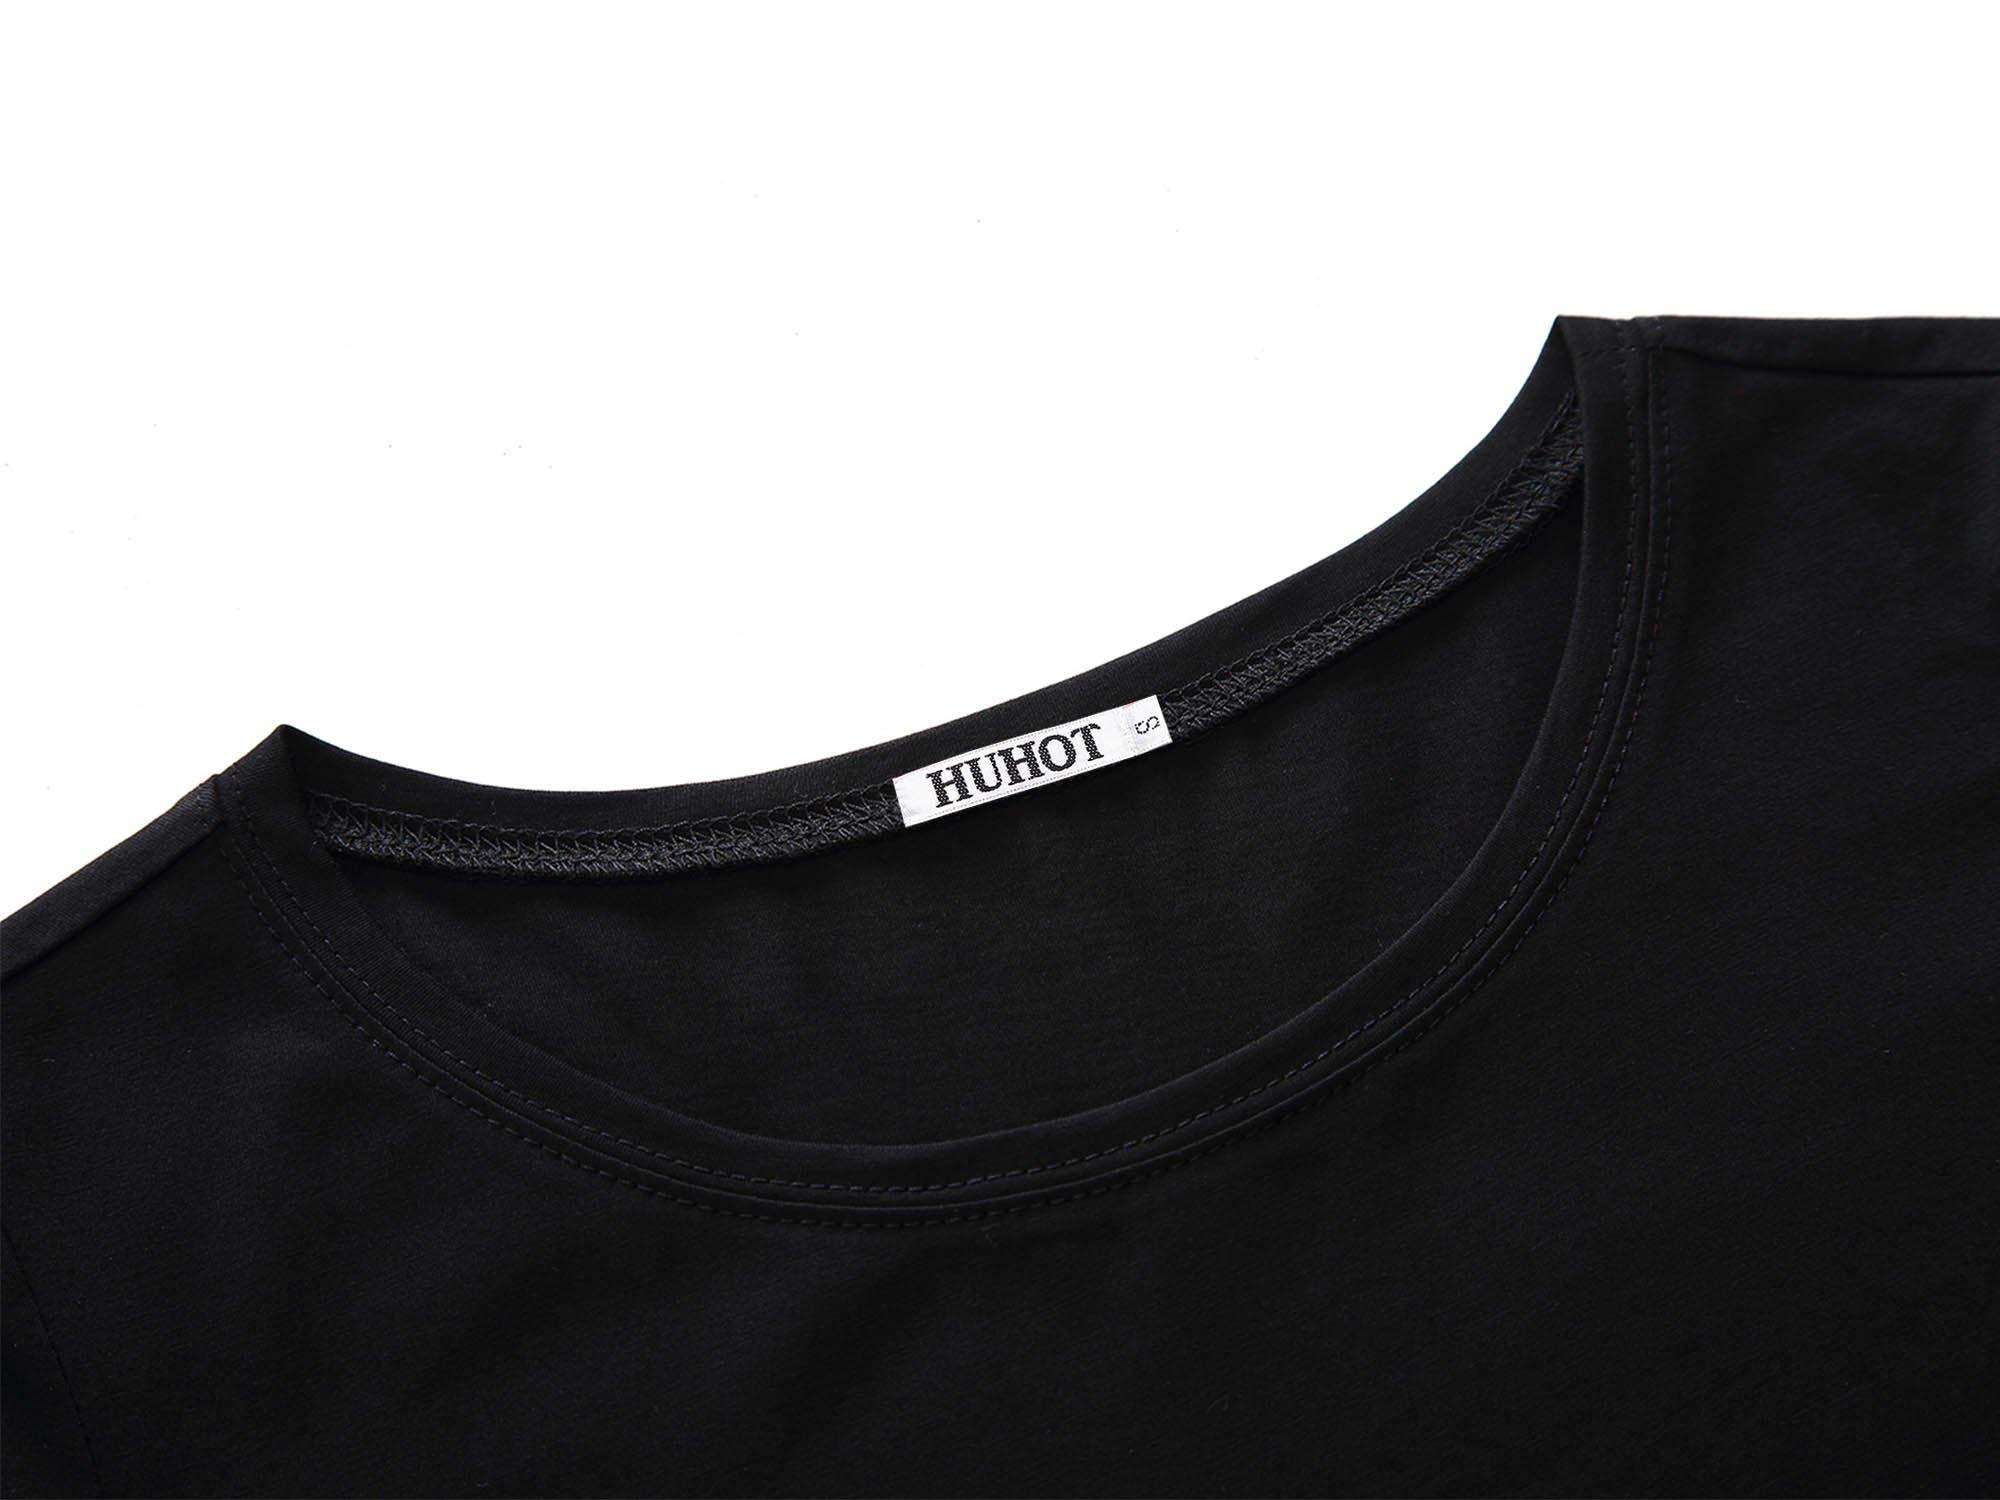 HUHOT Women Short Sleeve Round Neck Summer Casual Flared Midi Dress Large Black by HUHOT (Image #3)